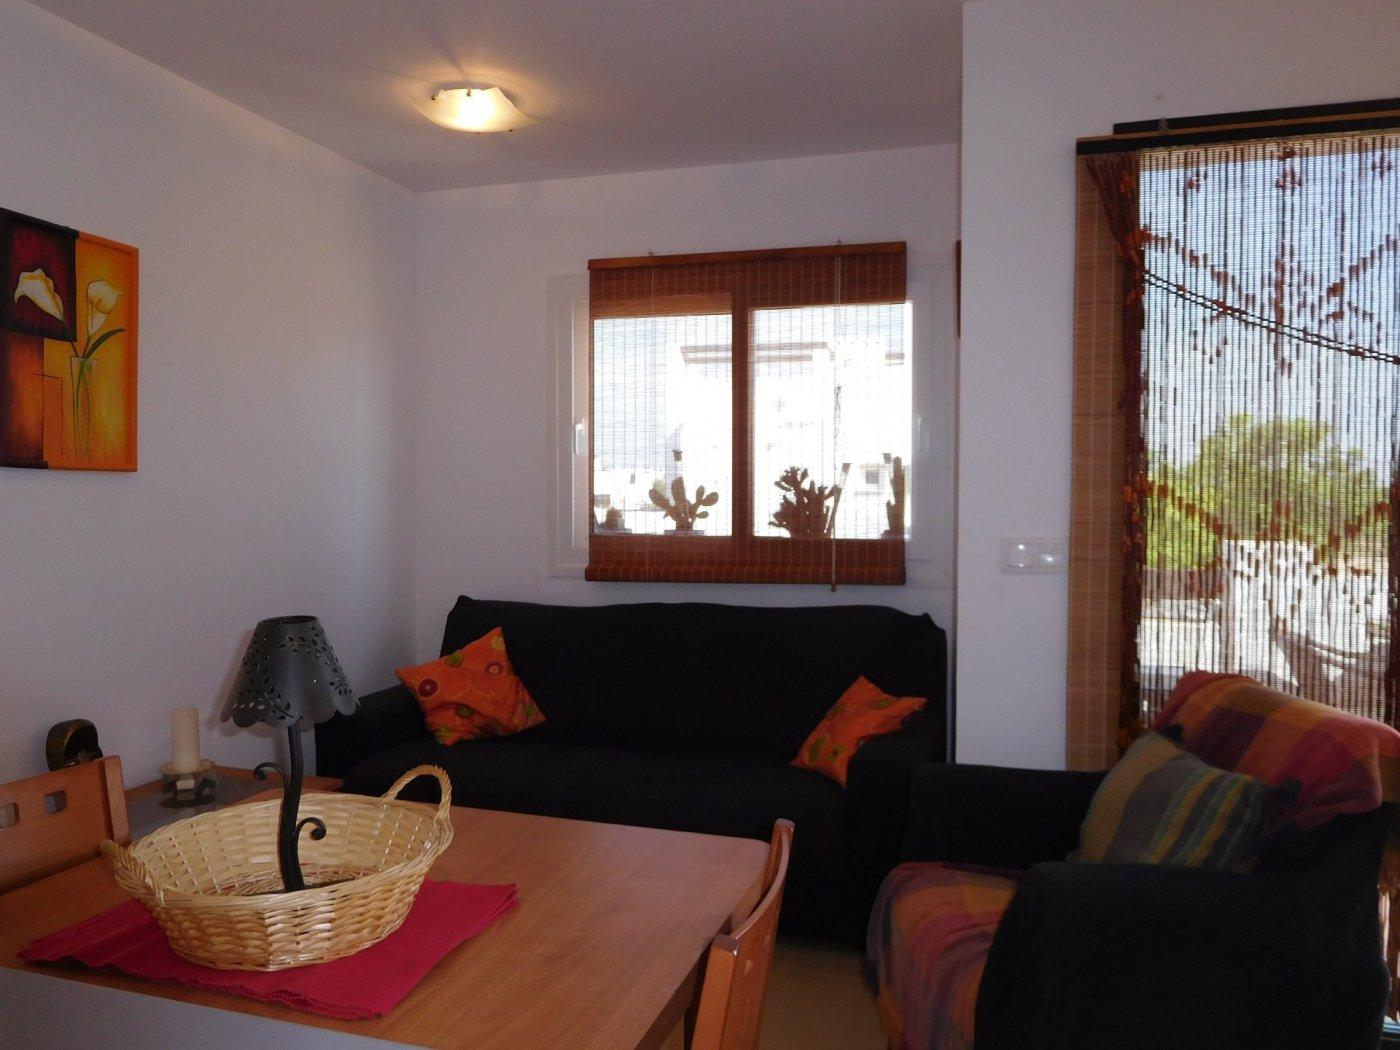 Image 3 Apartment ref 3265-02752 for rent in Condado De Alhama Spain - Quality Homes Costa Cálida